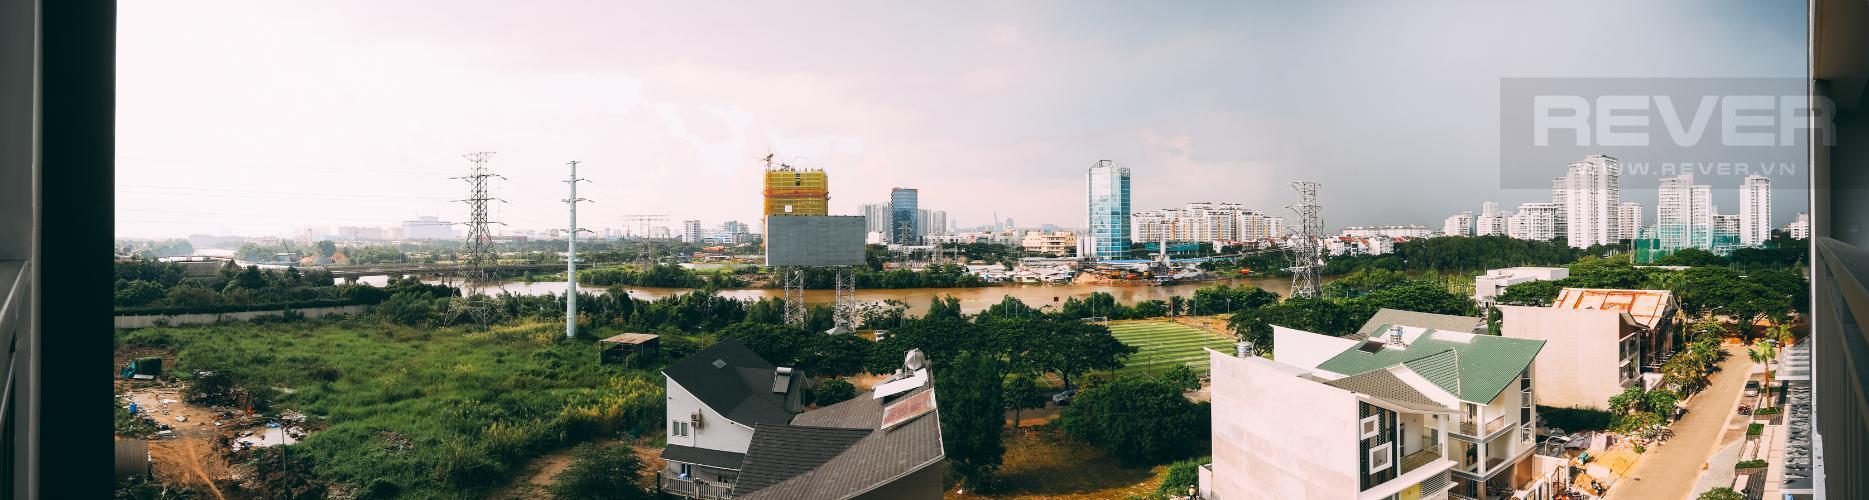 View Bán căn hộ Sunrise Riverside 3PN, tầng cao, diện tích 113m2, view sông thoáng mát